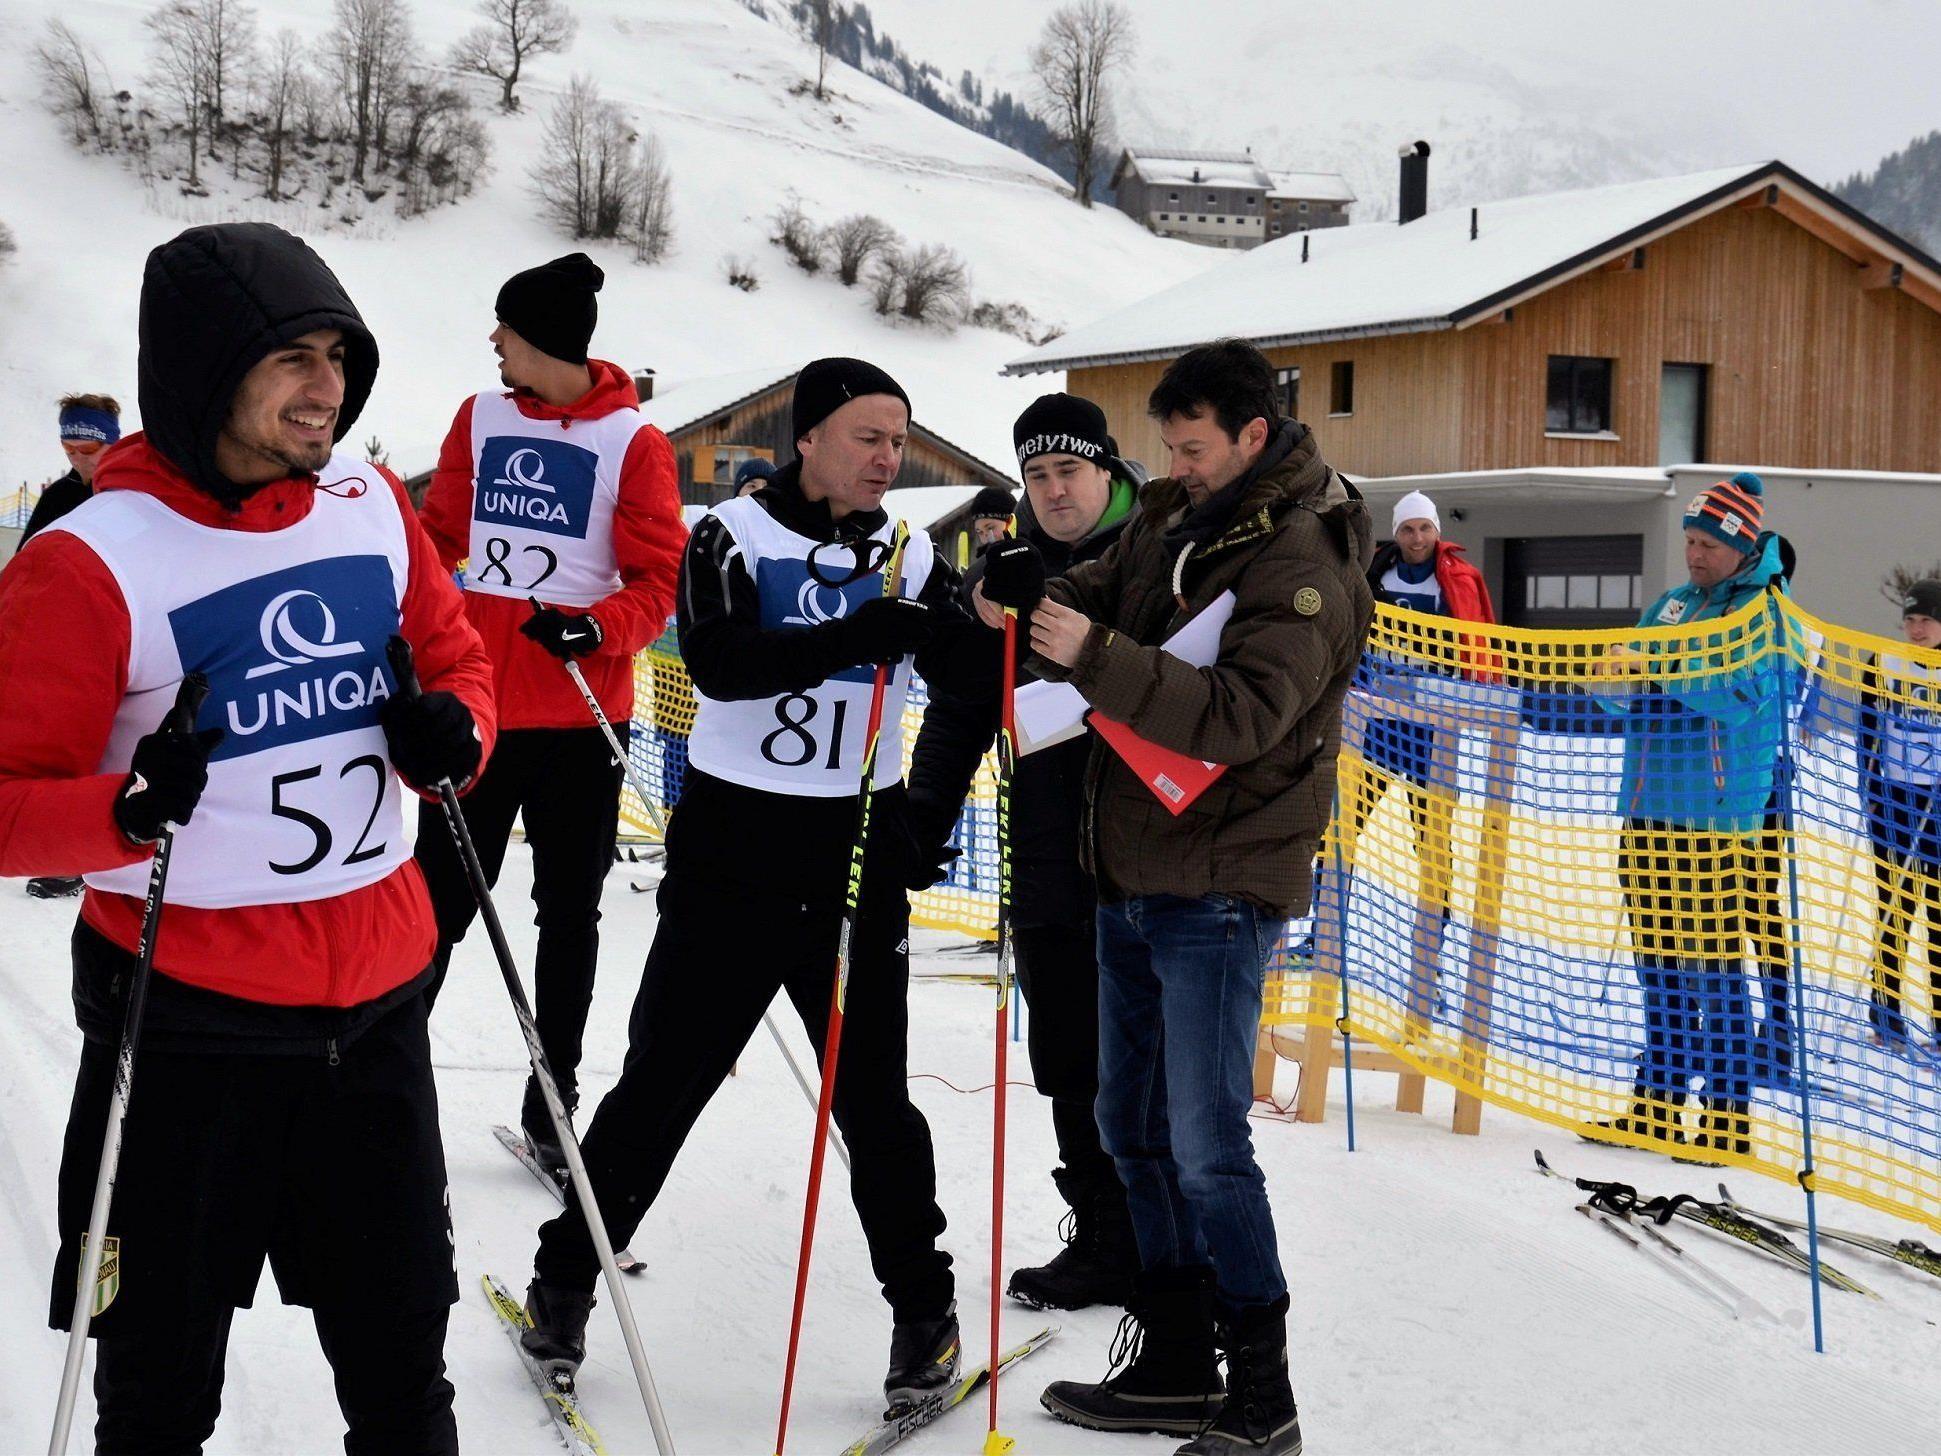 Mannschaft-Biathlon mit SC Austria Lustenau in Au